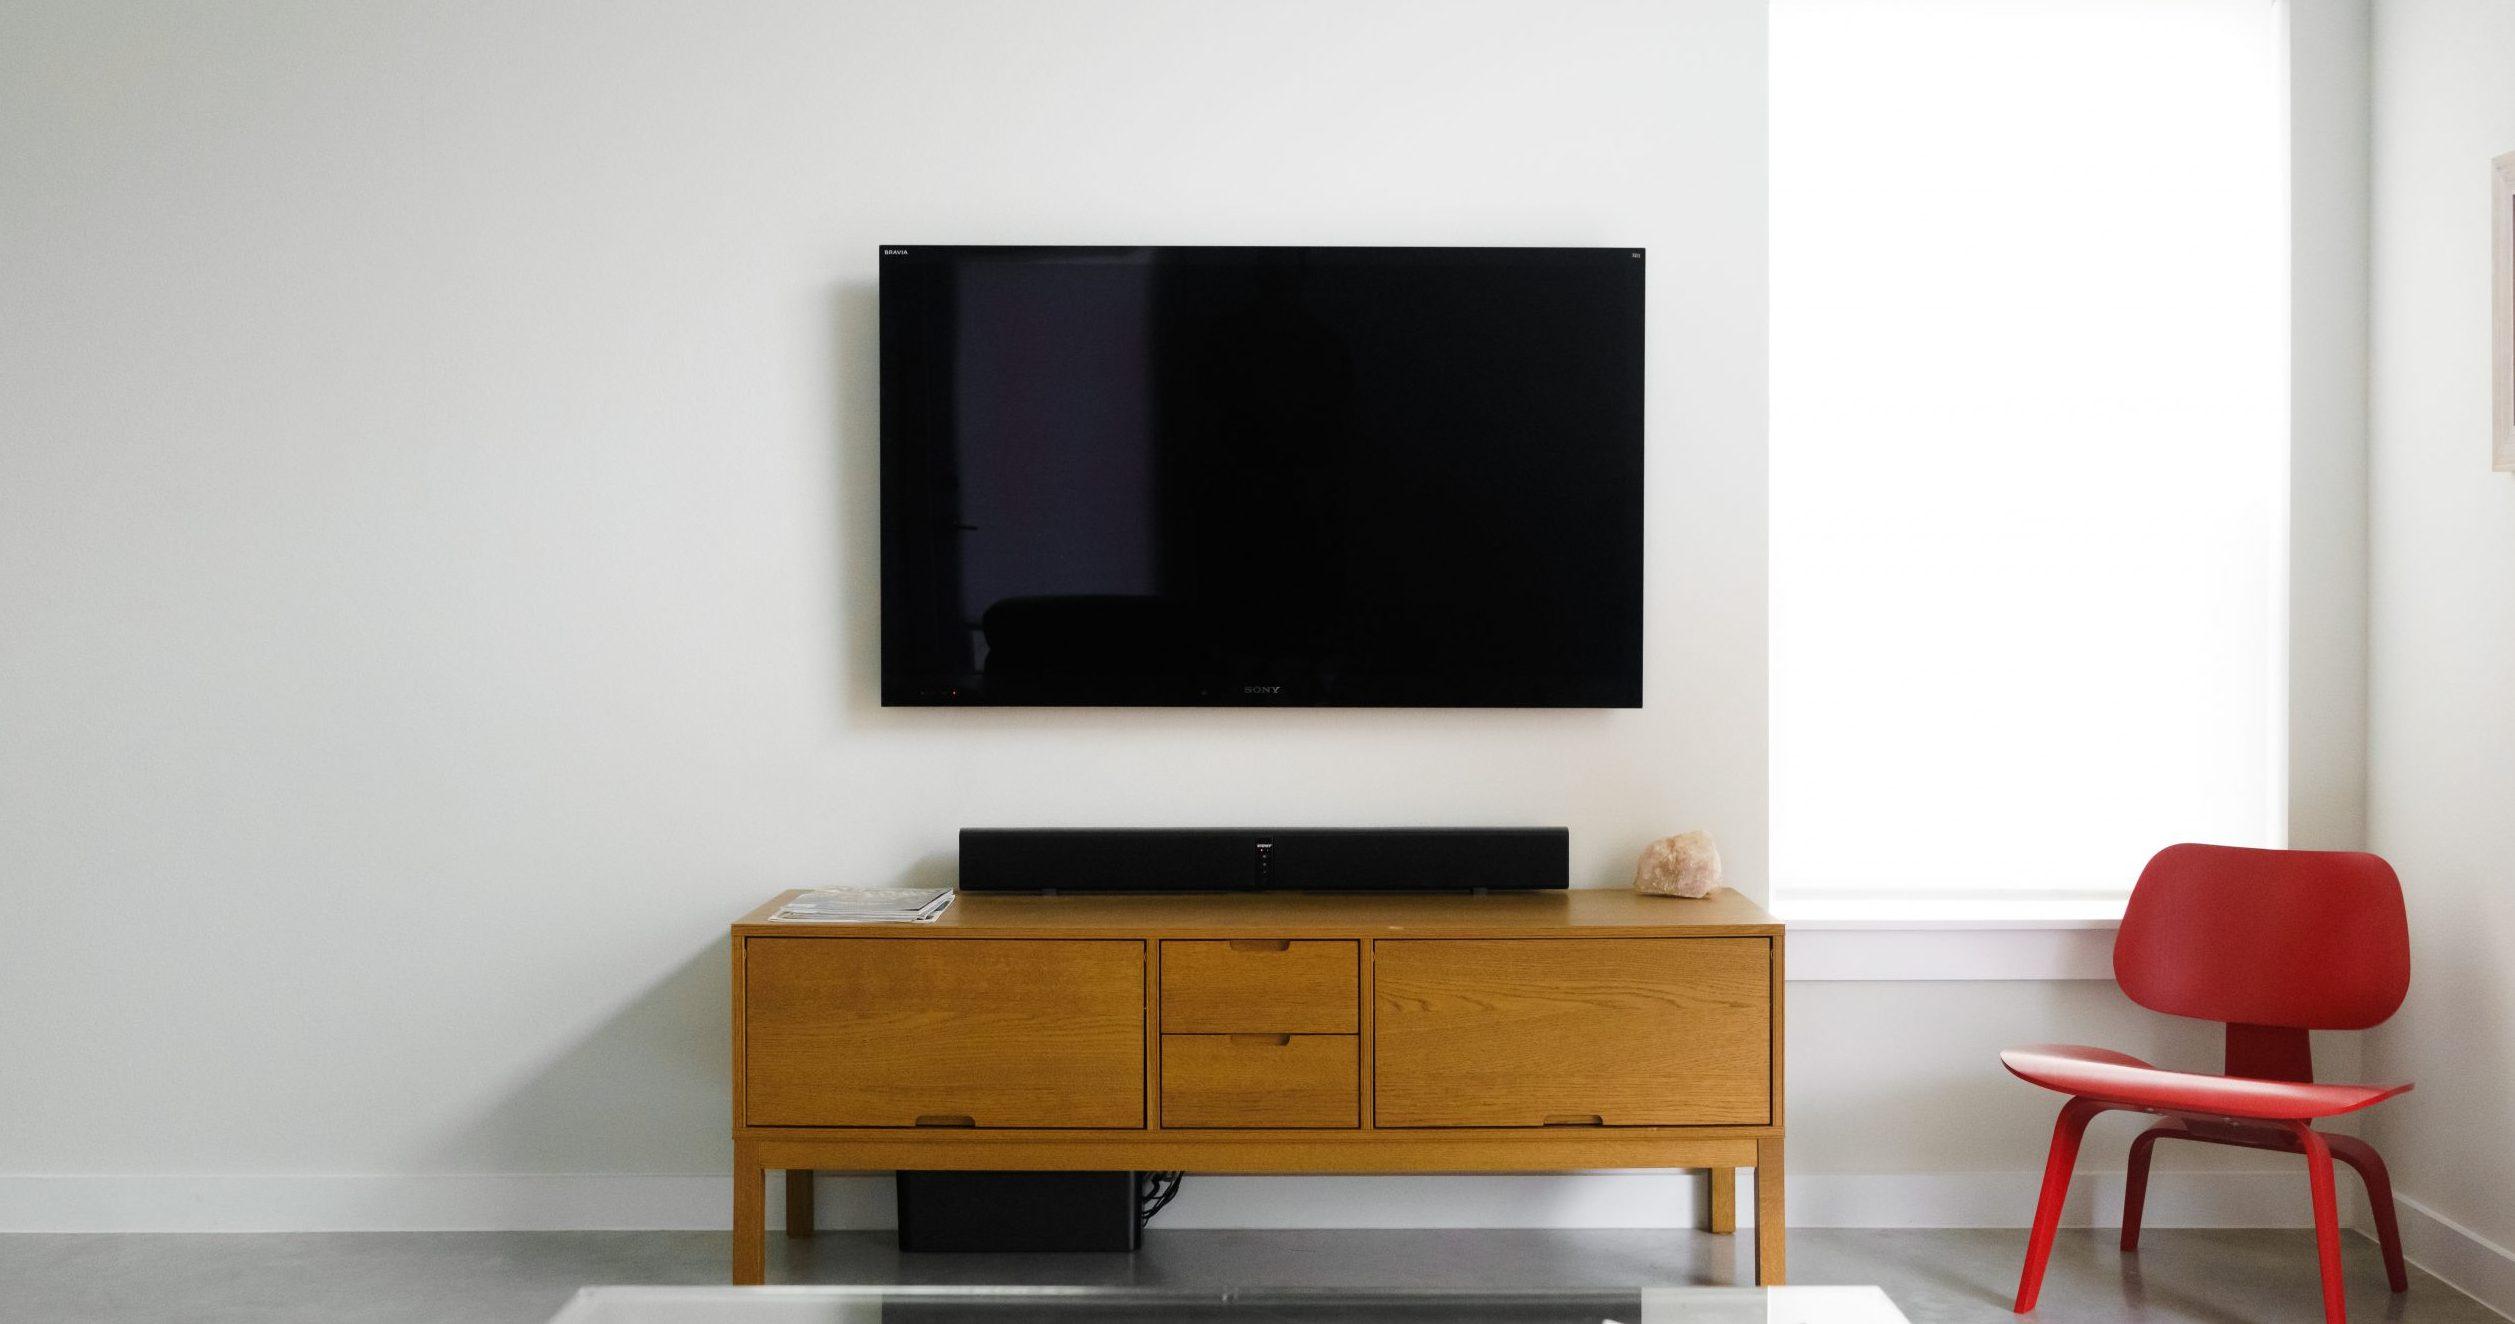 TV 55 polegadas: Qual é a melhor de 2020?